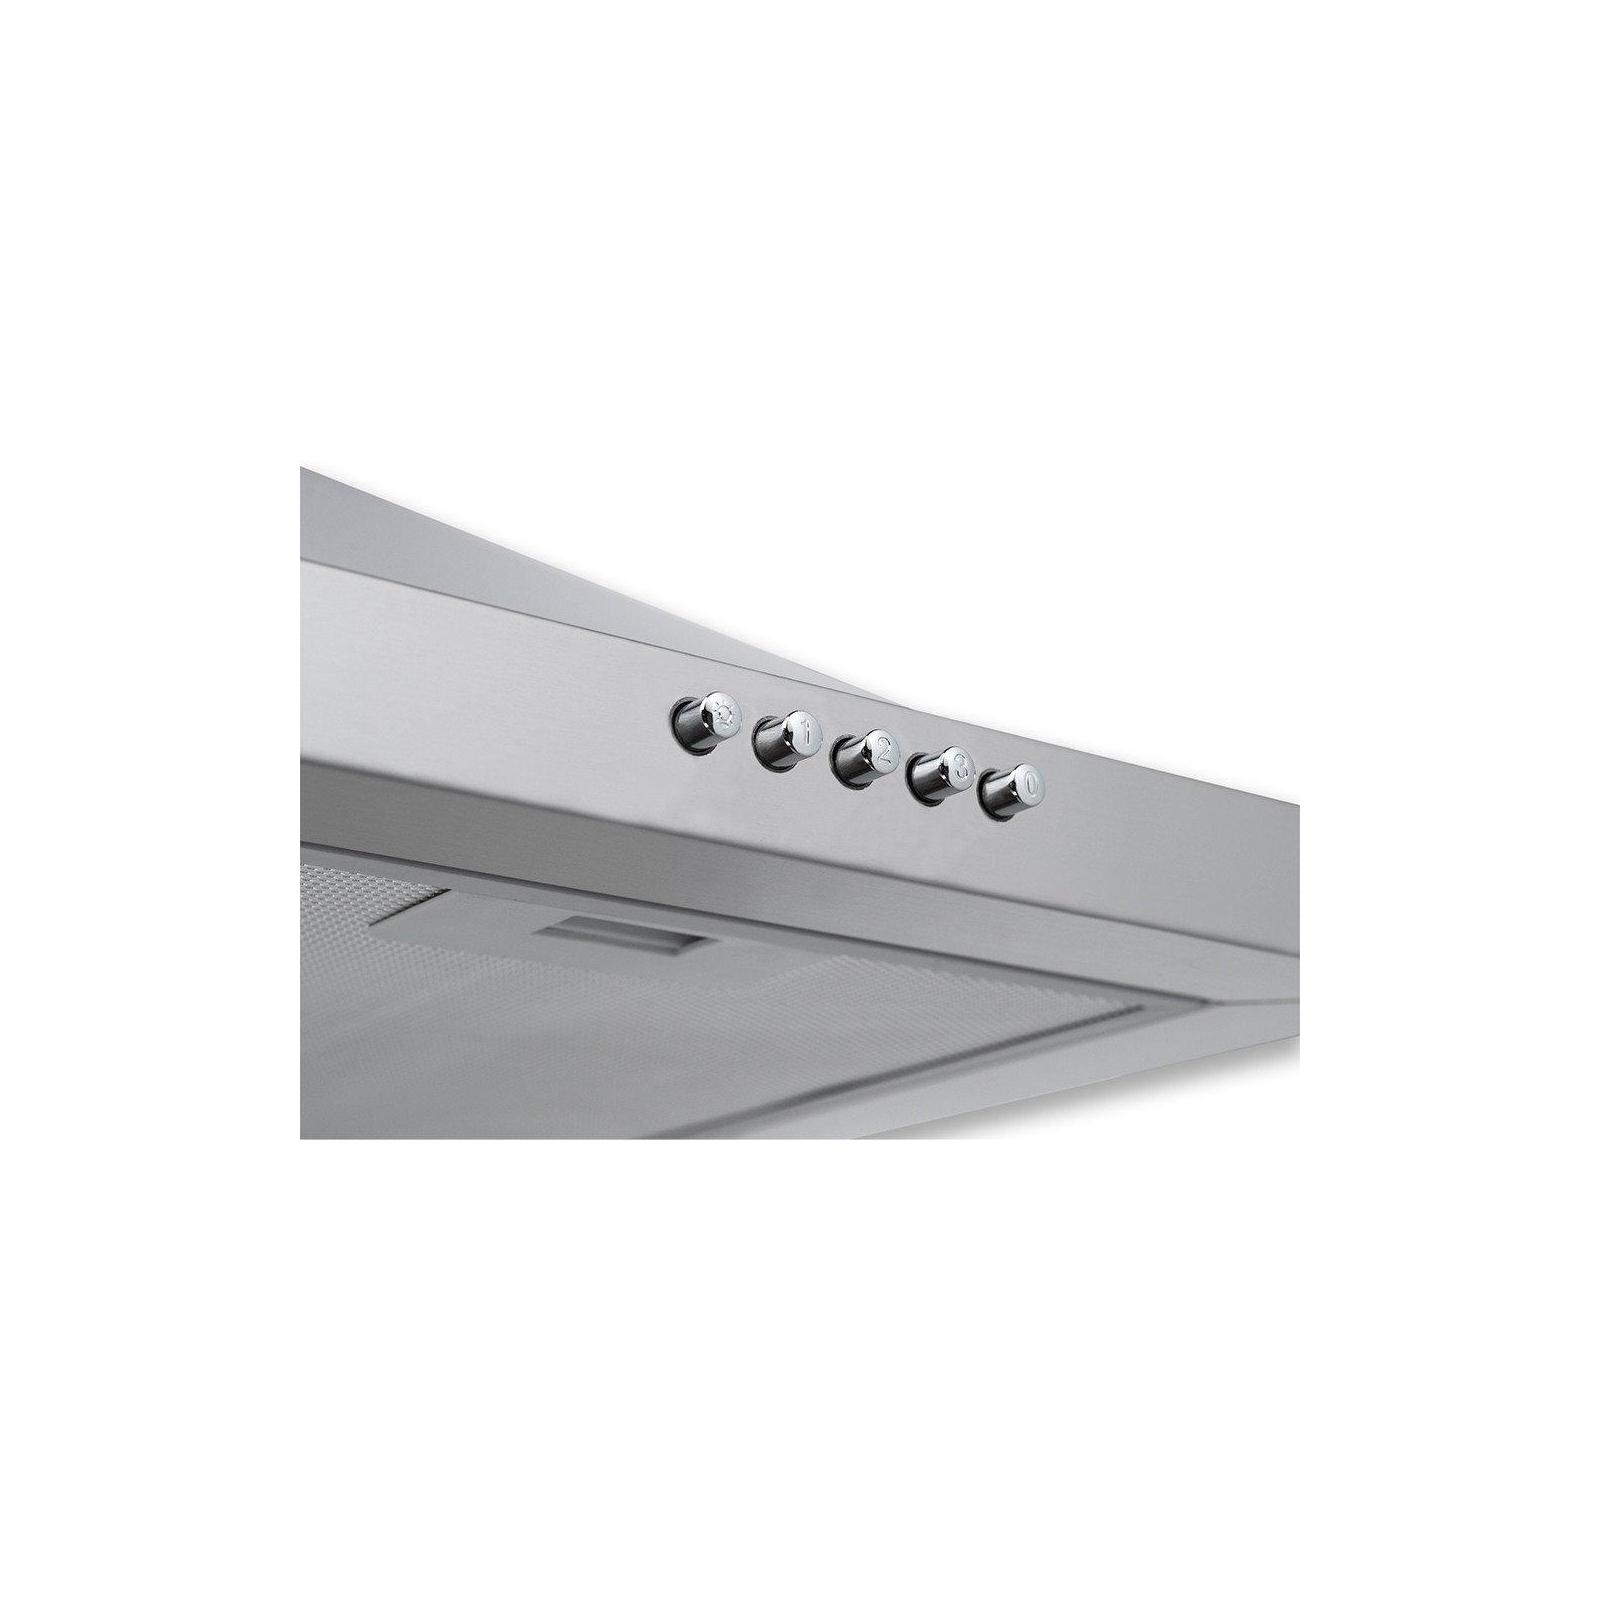 Вытяжка кухонная MINOLA HK 5210 I 650 изображение 6